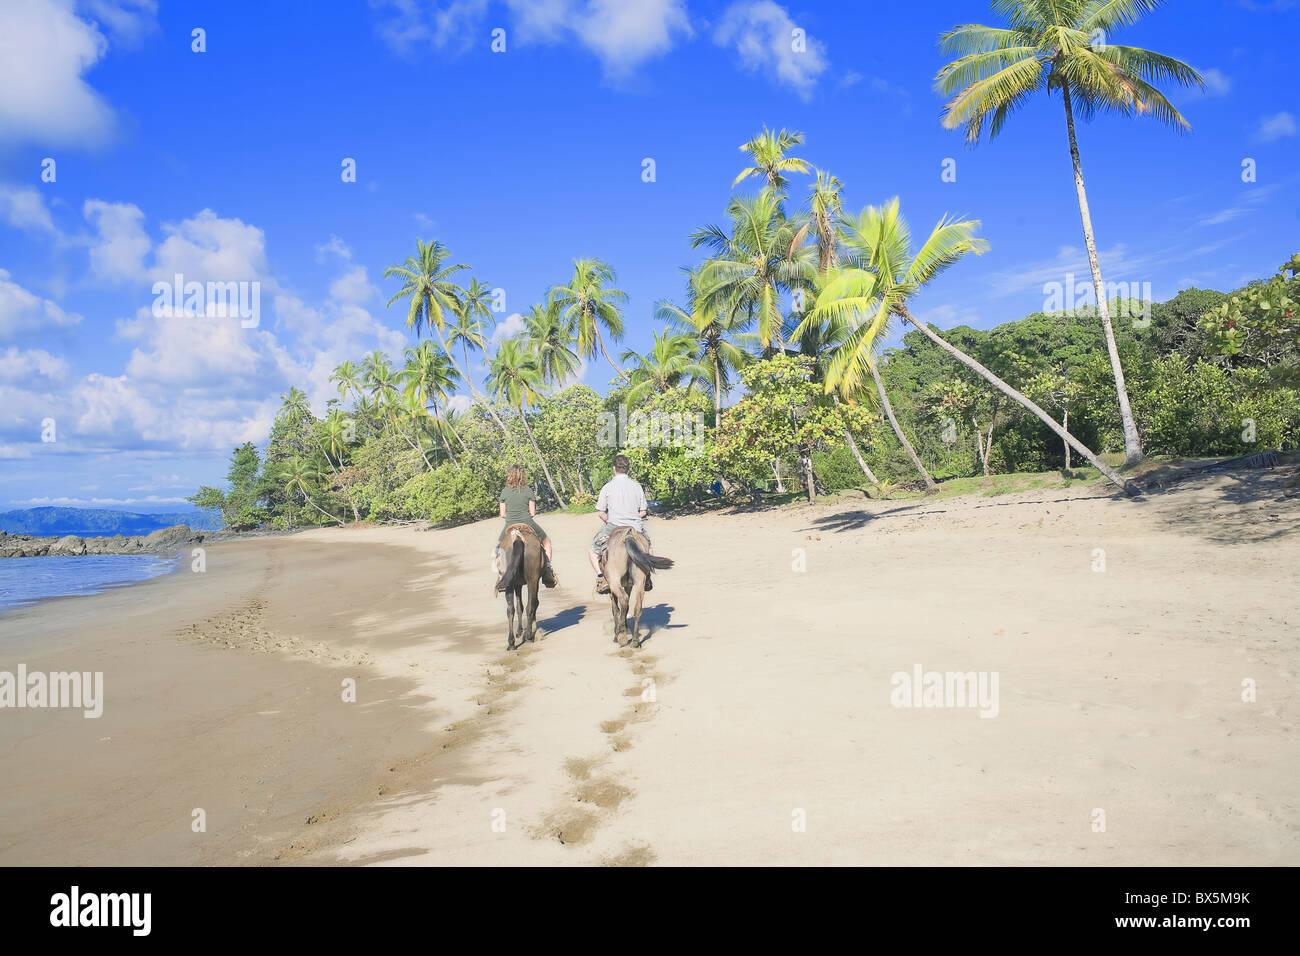 Paseos a caballo en la playa tropical, Bahía Drake, Península de Osa, Costa Rica, Centroamérica Foto de stock